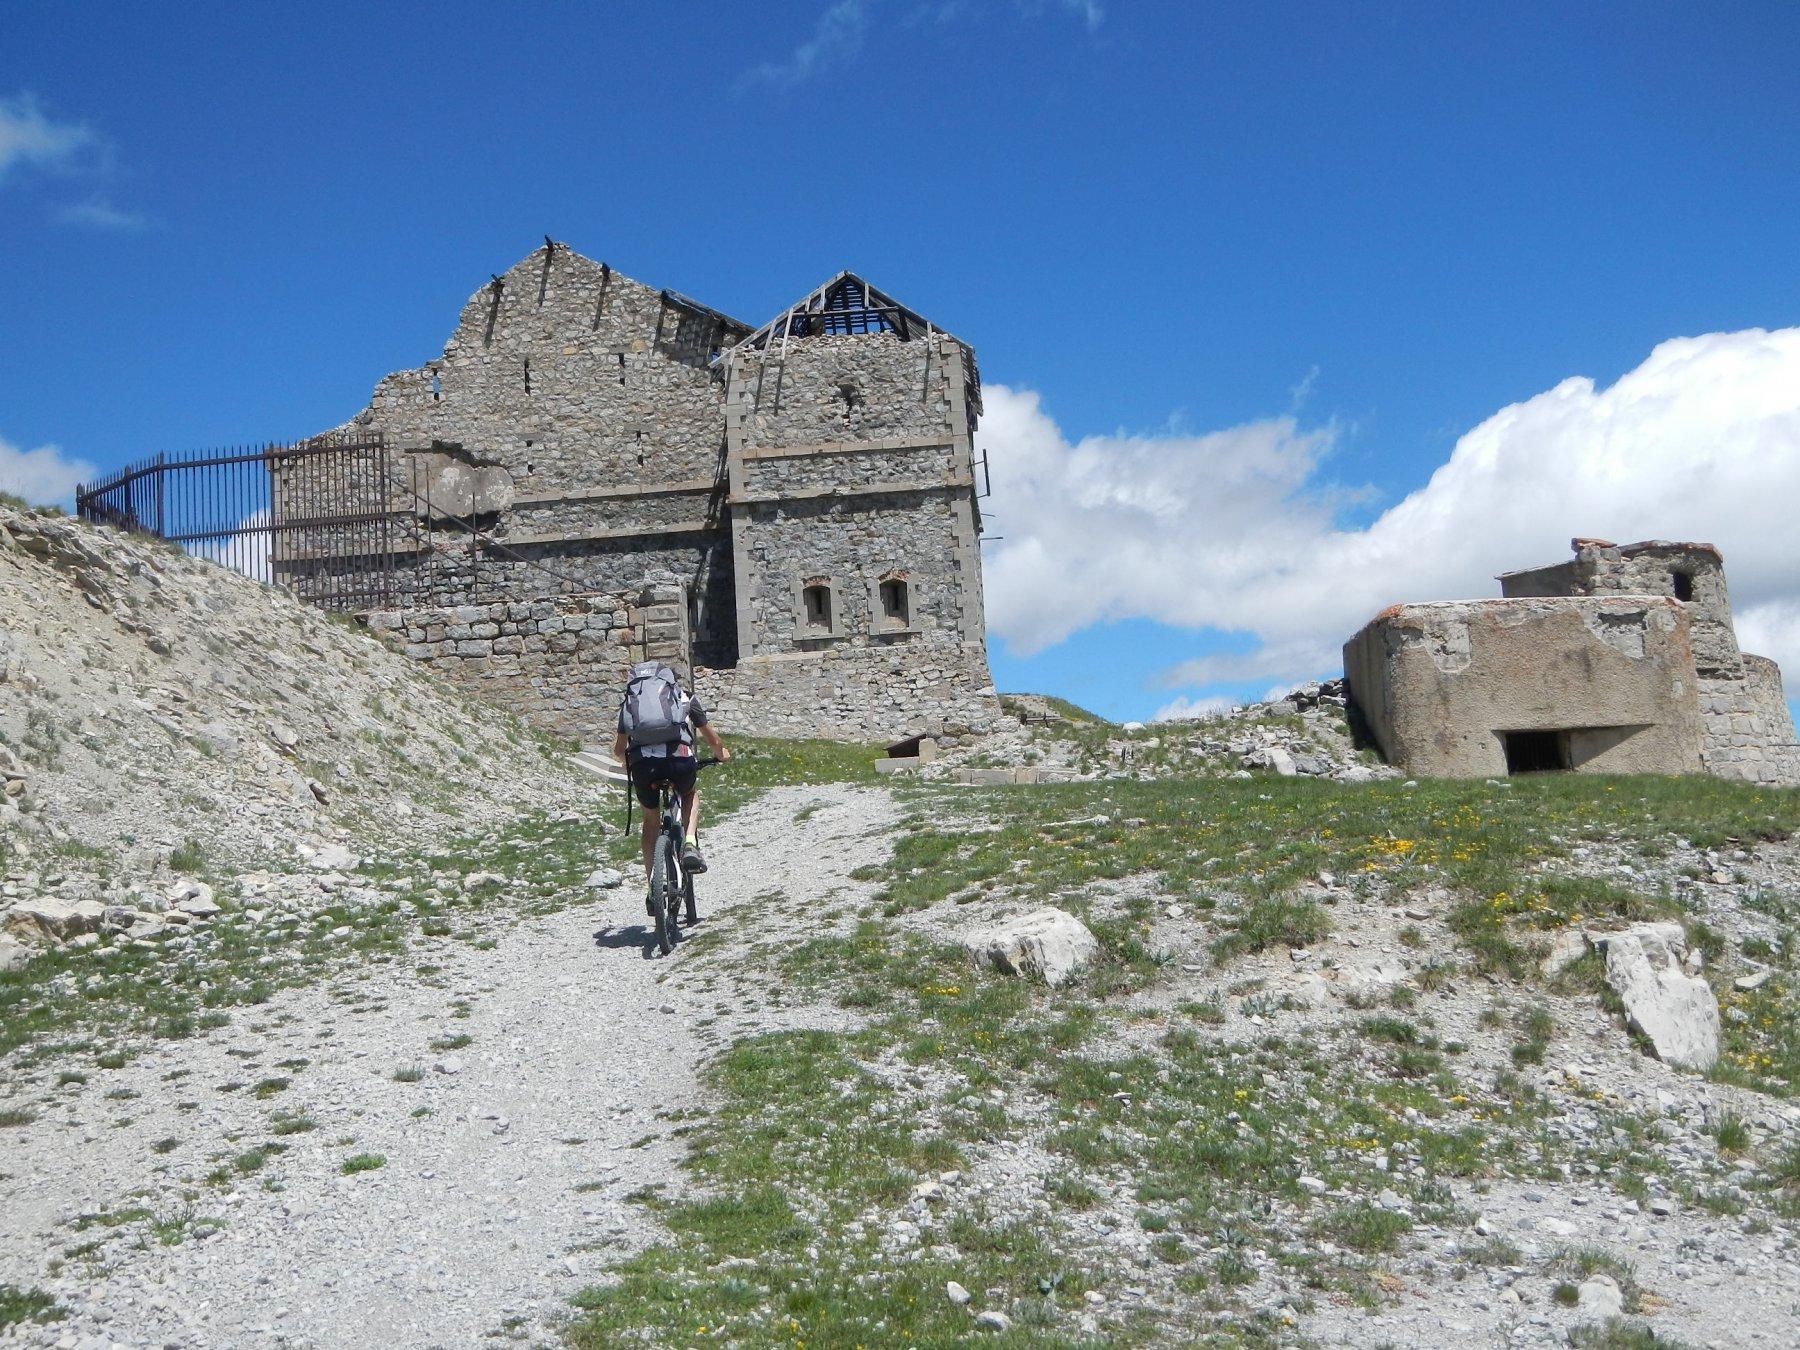 Fort Janus